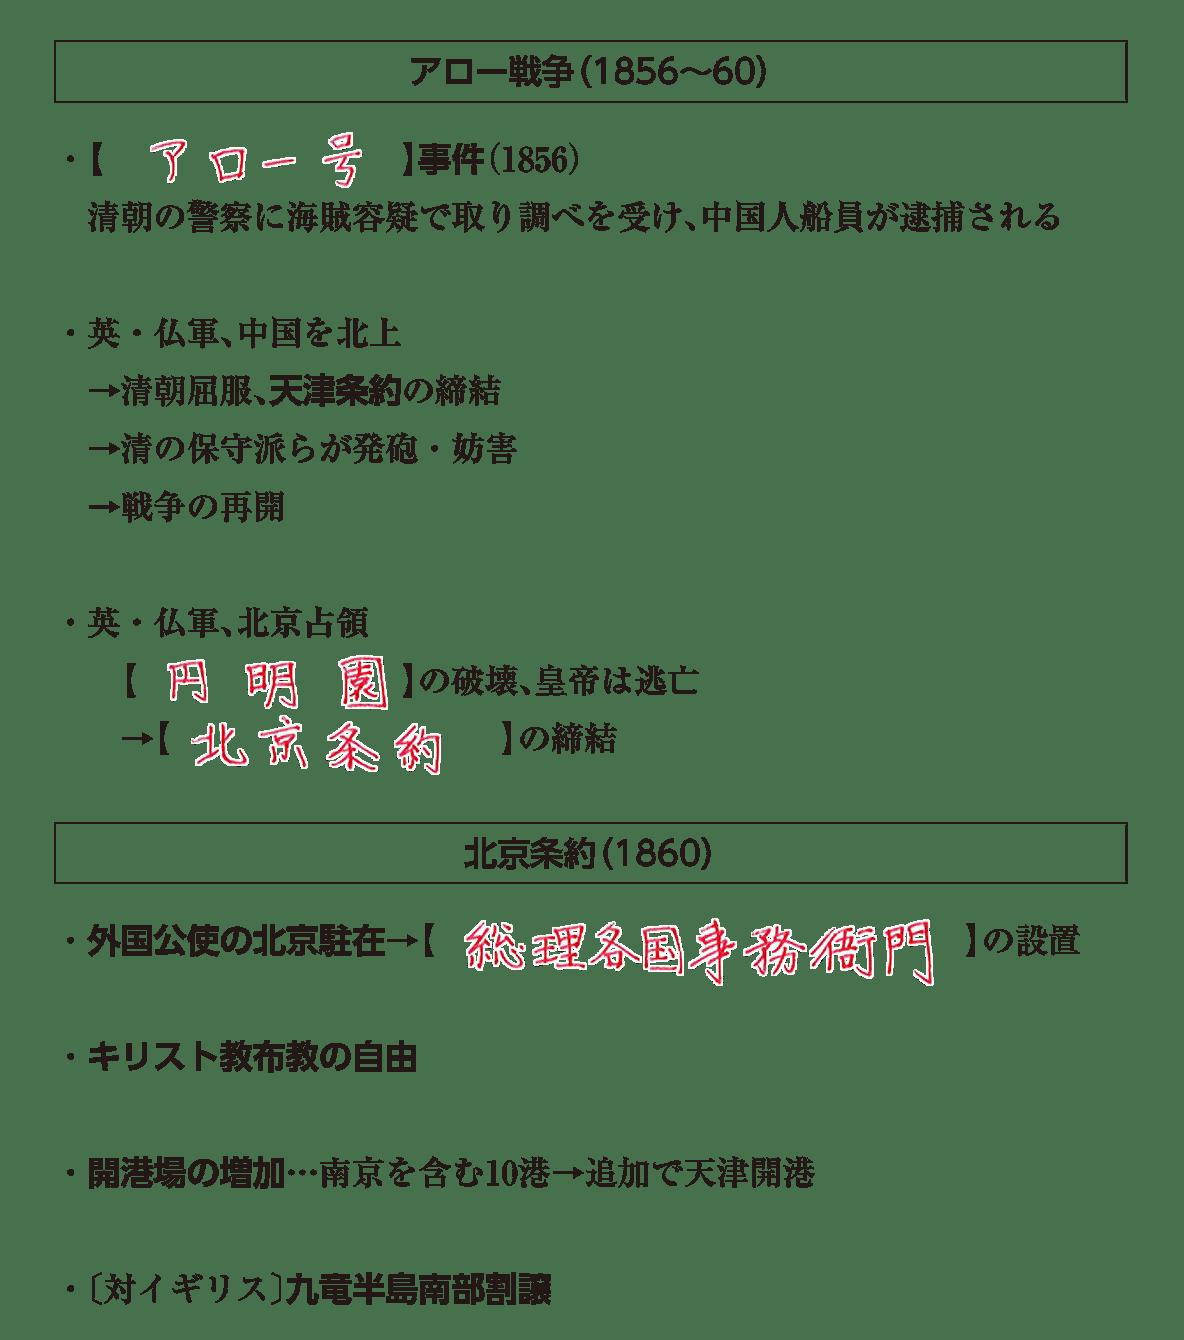 高校世界史 中国と朝鮮の植民地化2 ポイント1 答え全部